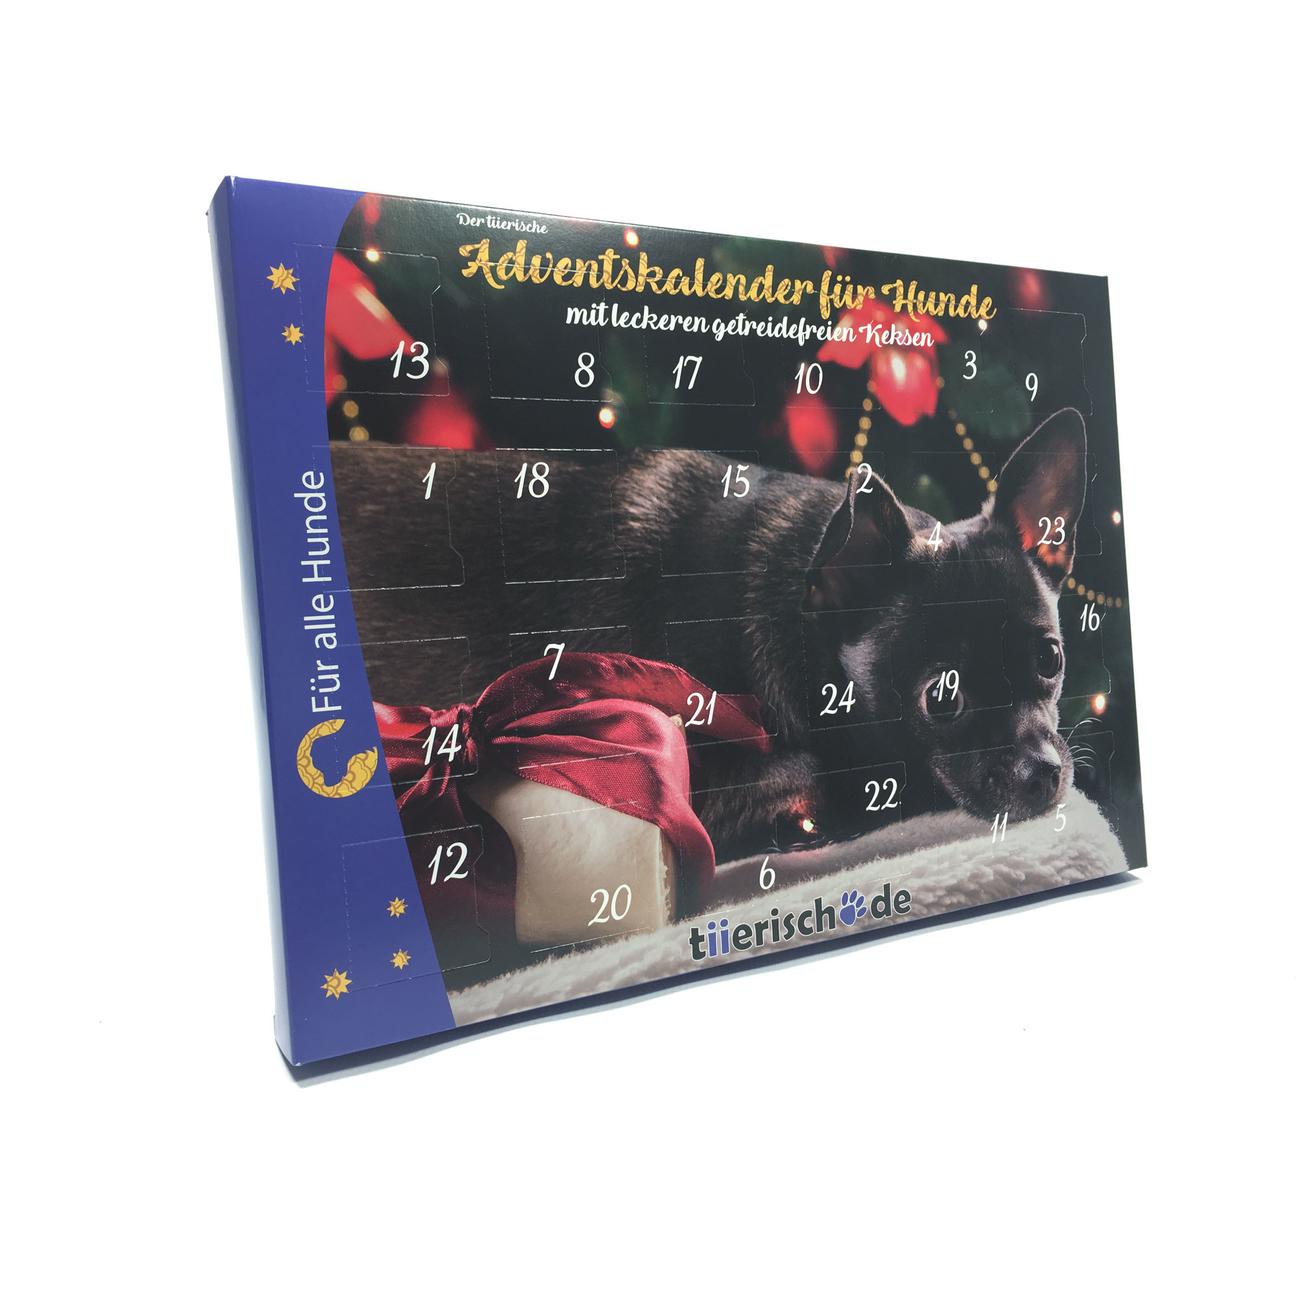 tiierisch.de Der tiierische Adventskalender für Hunde